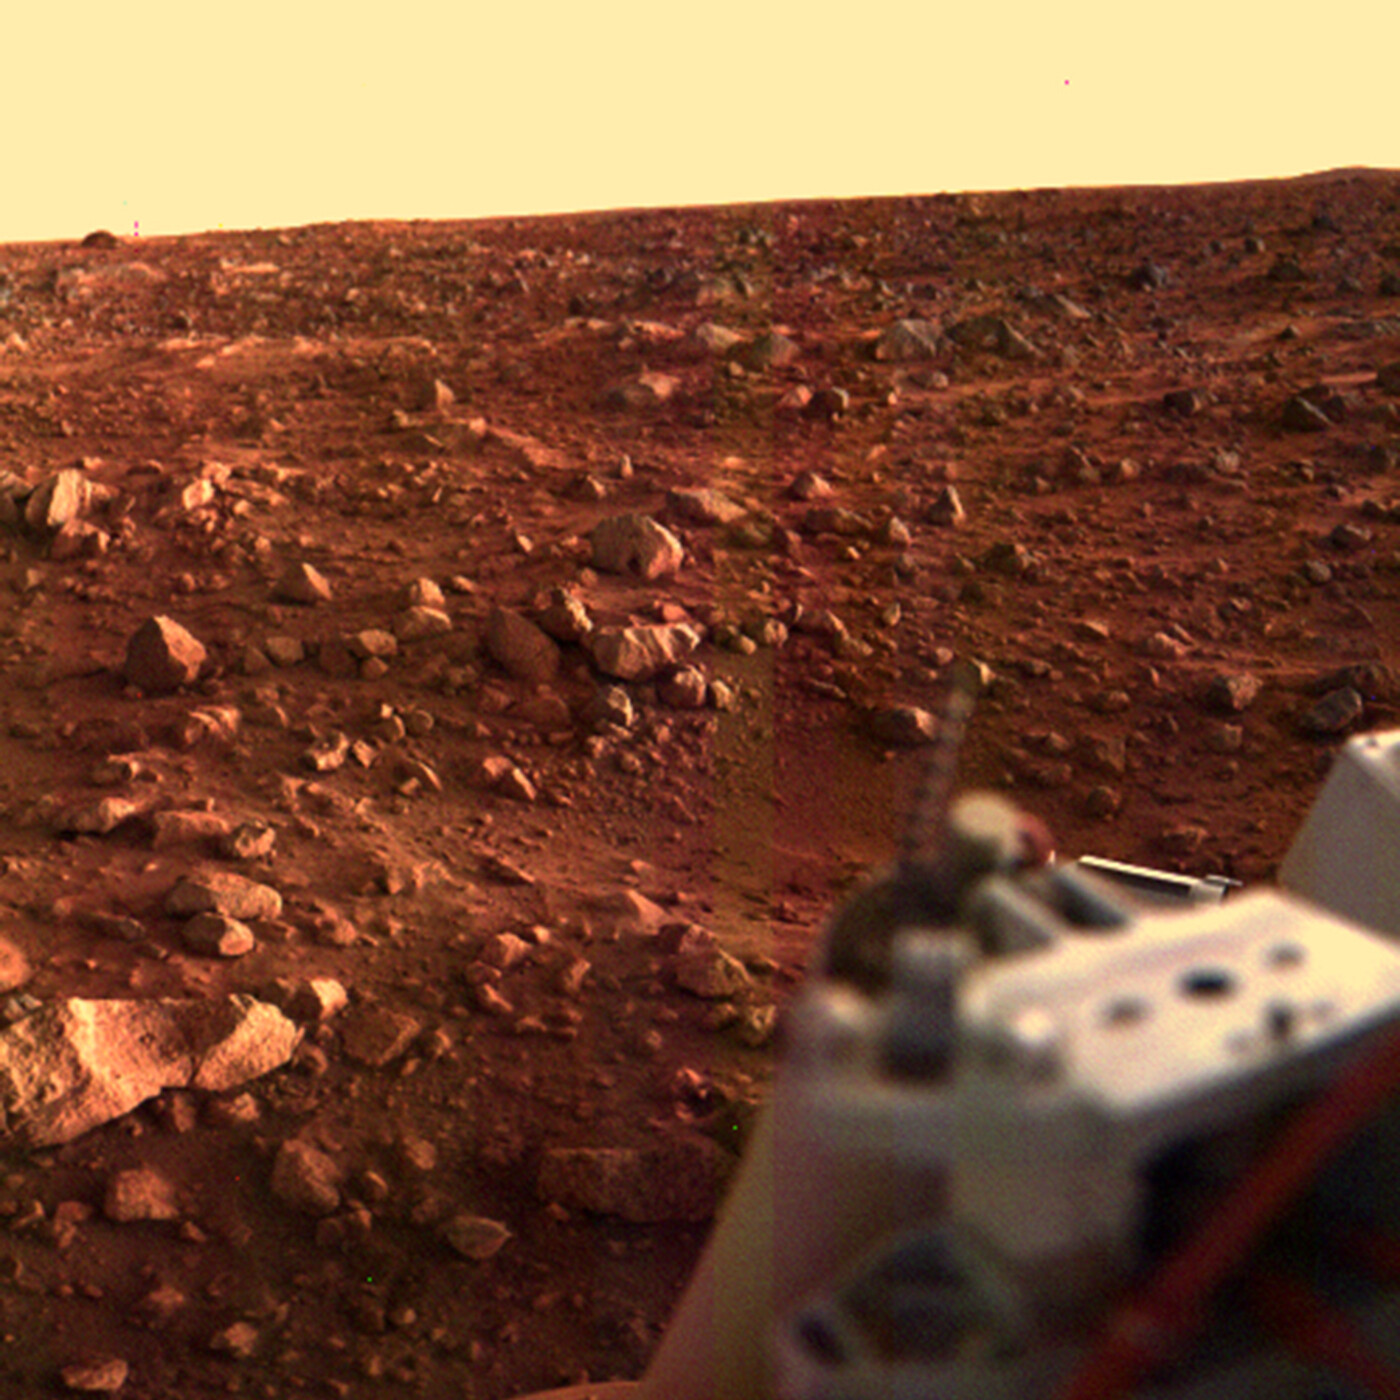 180 - Rep. ¡¡ Las naves Viking detectaron Vida en Marte en 1976 !!, según el Ingeniero Principal del Experimento